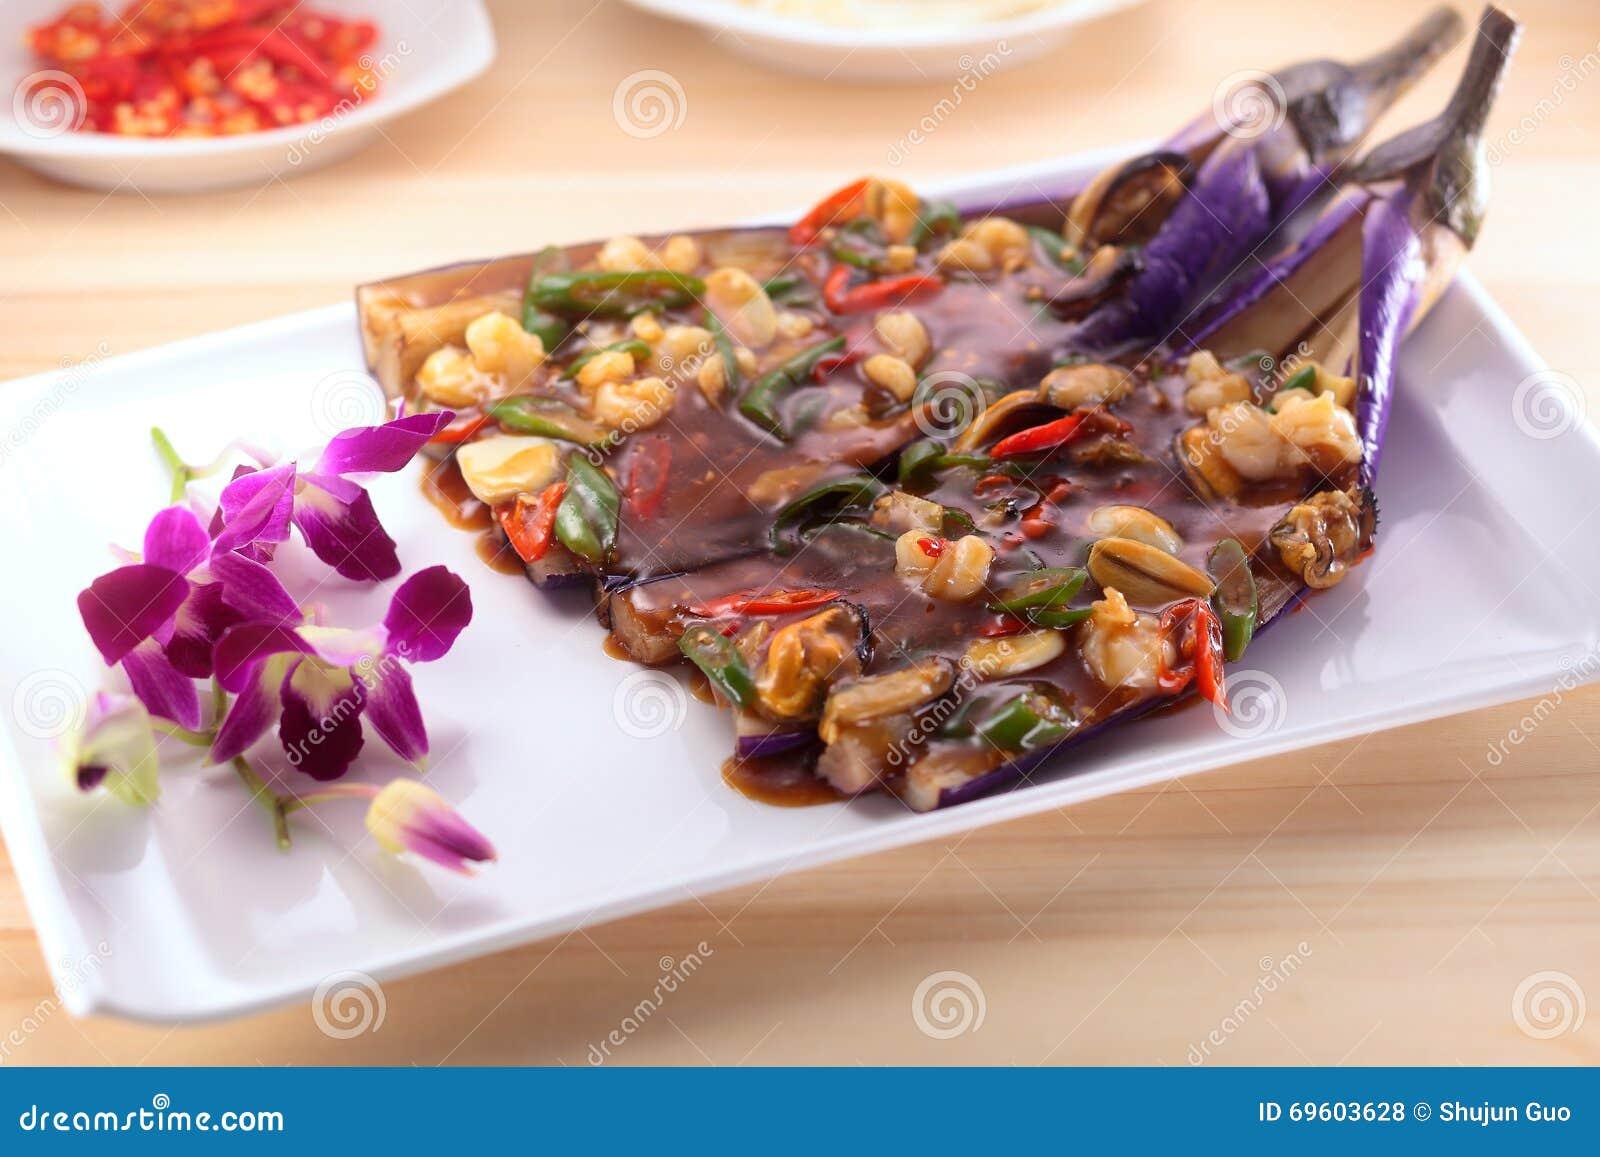 Die chinesische Lebensmittelkultur